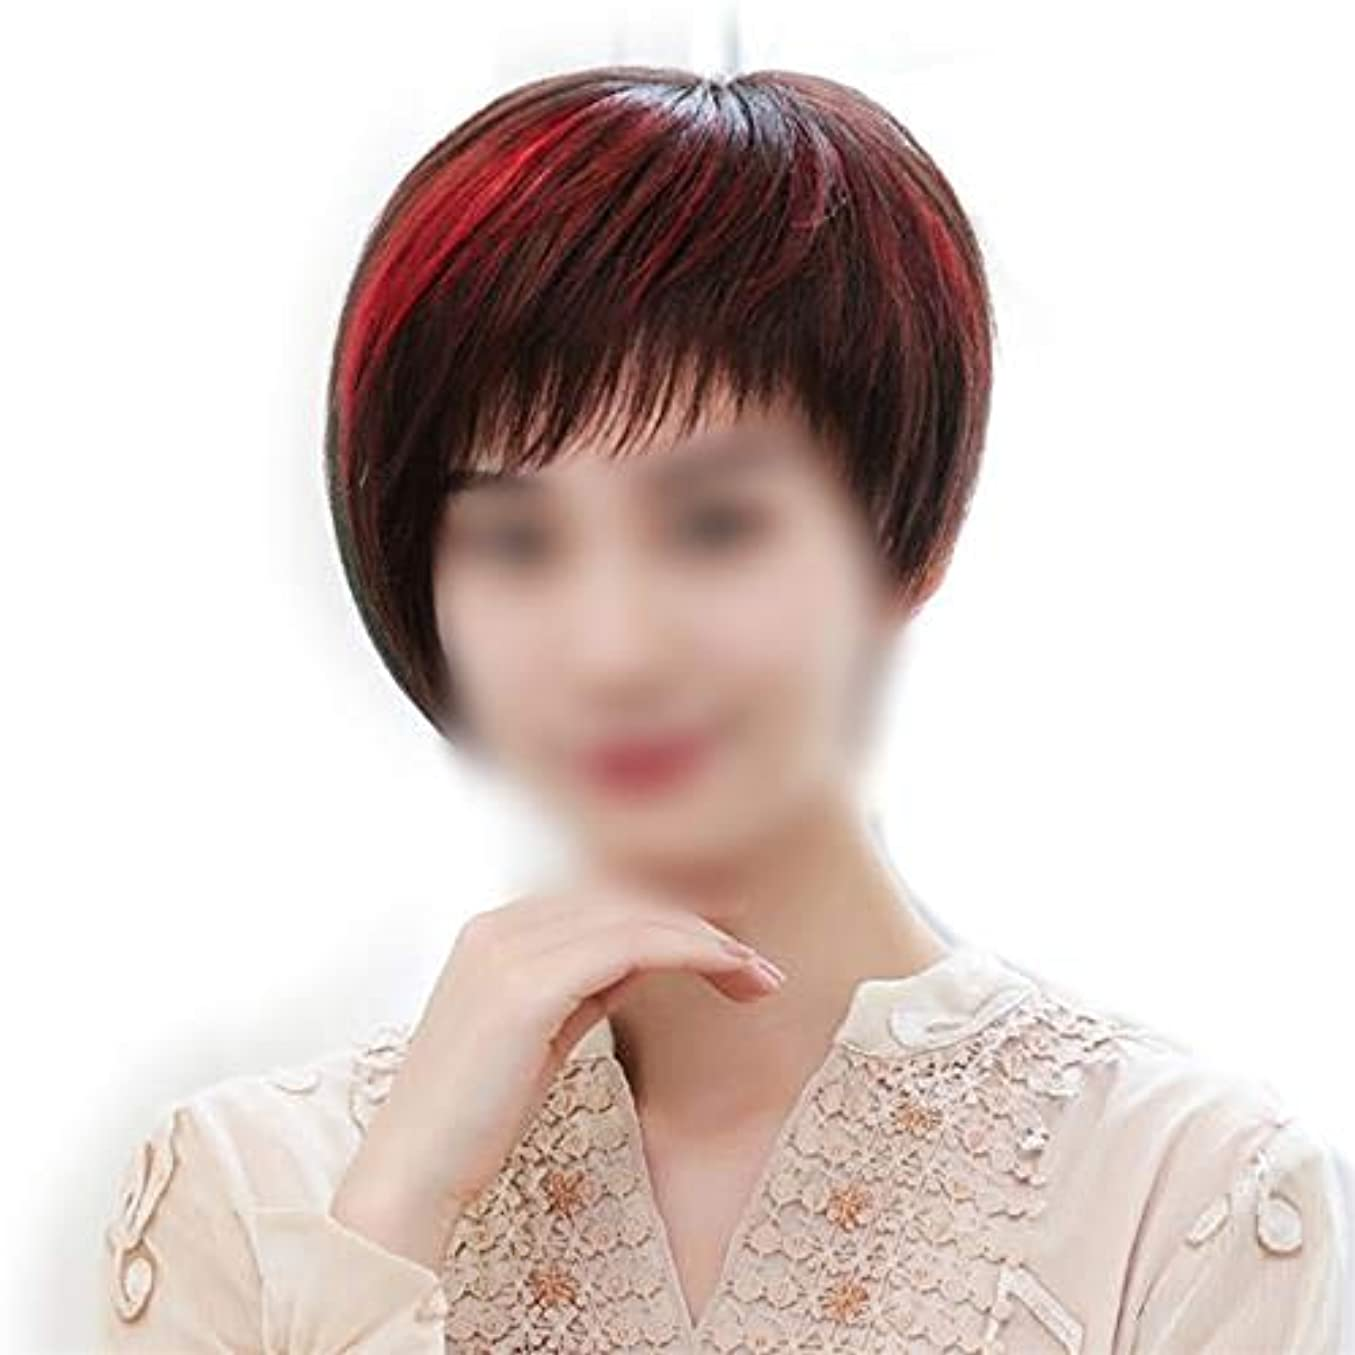 監督する壊すしないYOUQIU ナチュラルブラックハイライトレッドボブウィッグショートストレート髪レアル髪ハンサムハンド織ウィッグウィッグ (色 : Natural black)